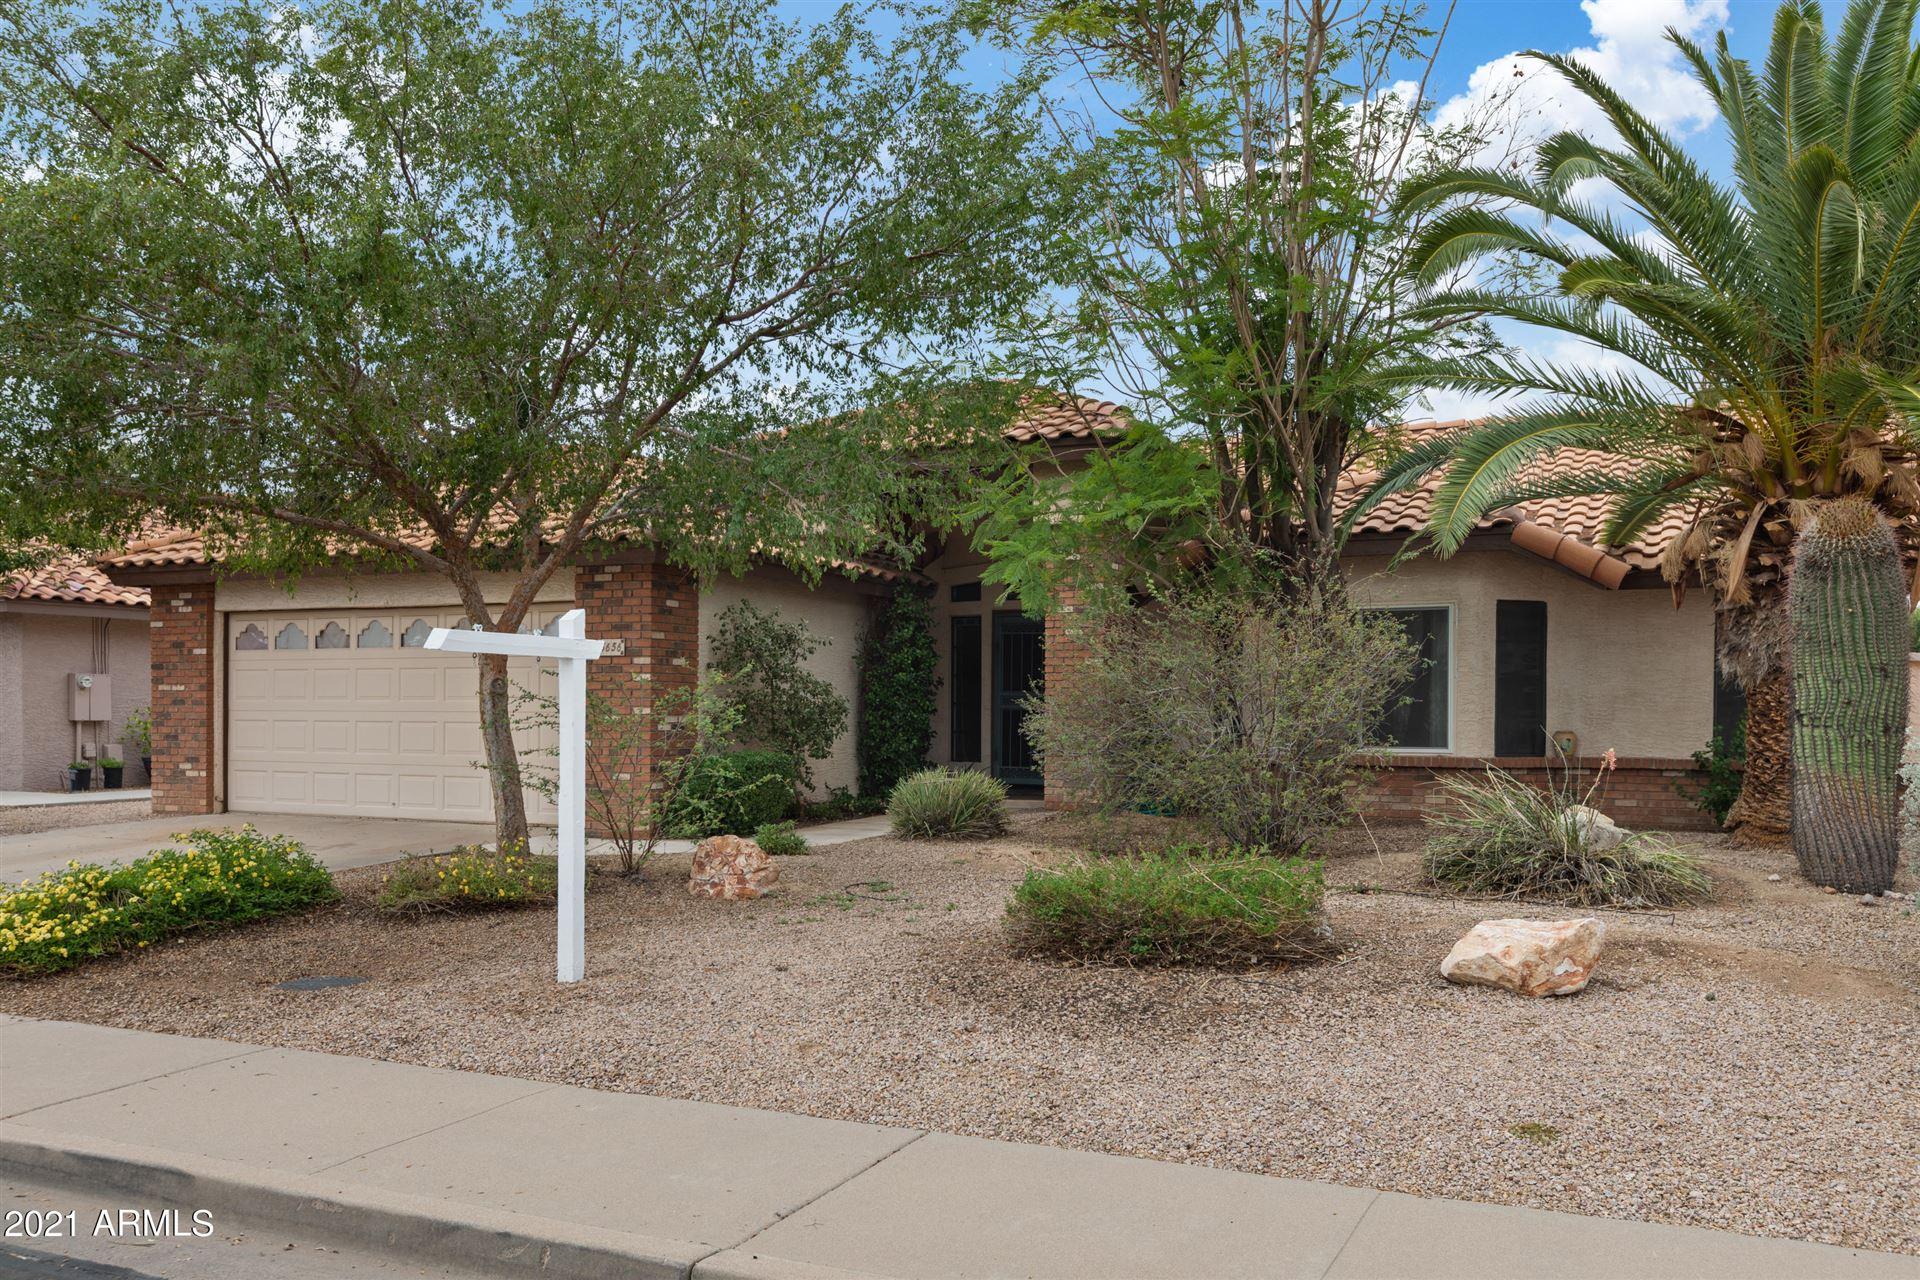 Photo of 5656 E HACKAMORE Street, Mesa, AZ 85205 (MLS # 6266357)